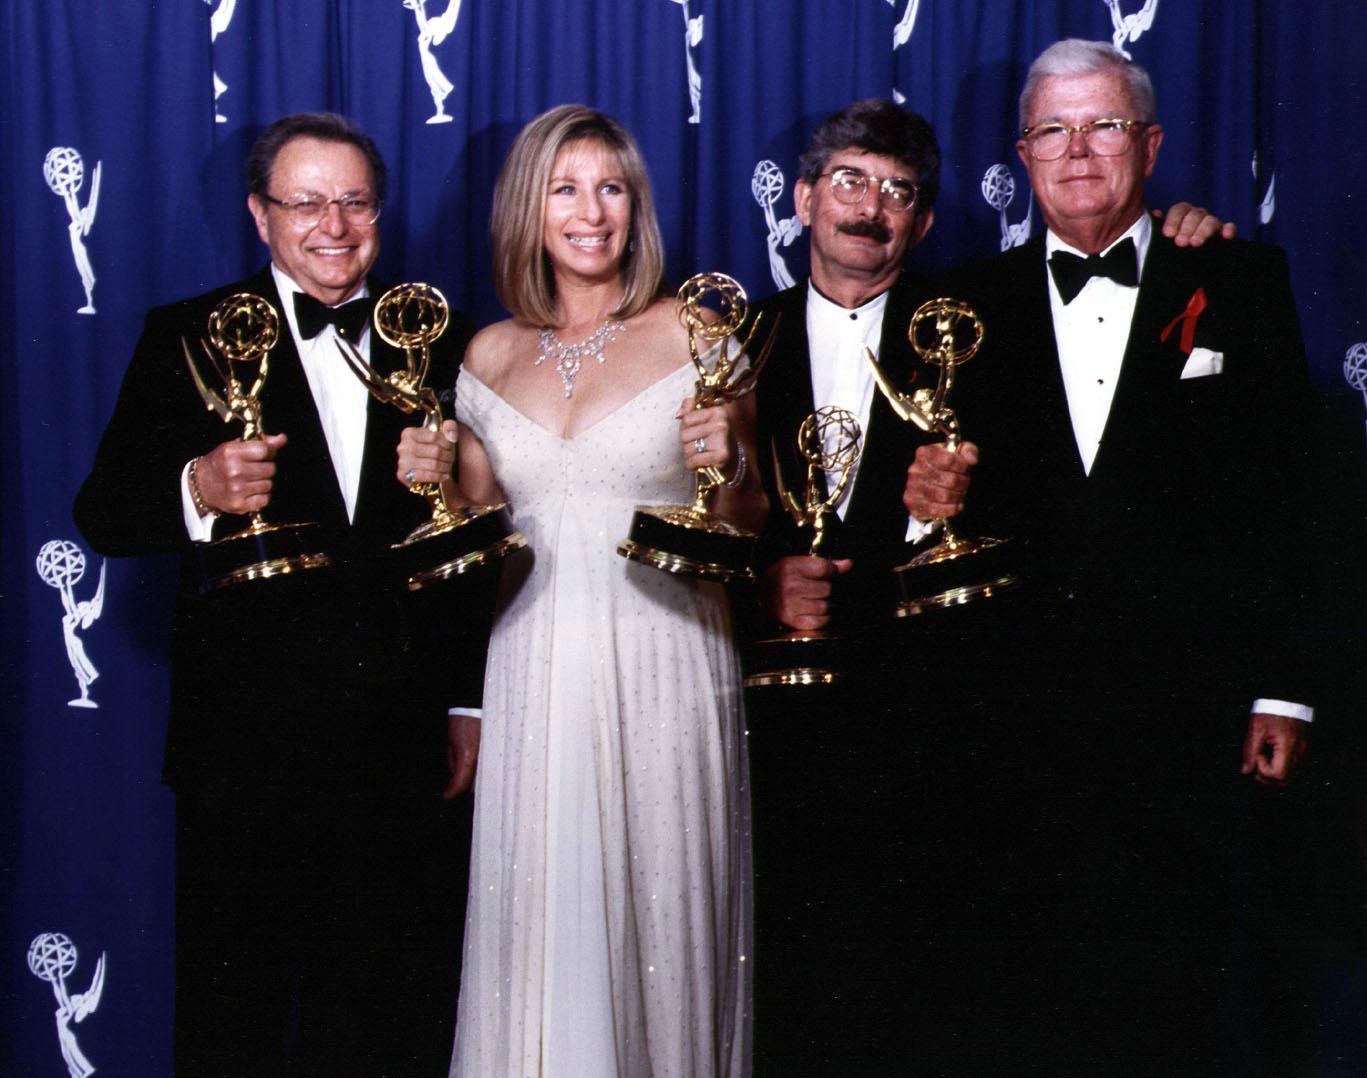 http://2.bp.blogspot.com/-pplI4hND5_4/T5Xy24ZHtqI/AAAAAAAAAPM/ClkVT9iVrIA/s1600/49-Emmys-team.jpg